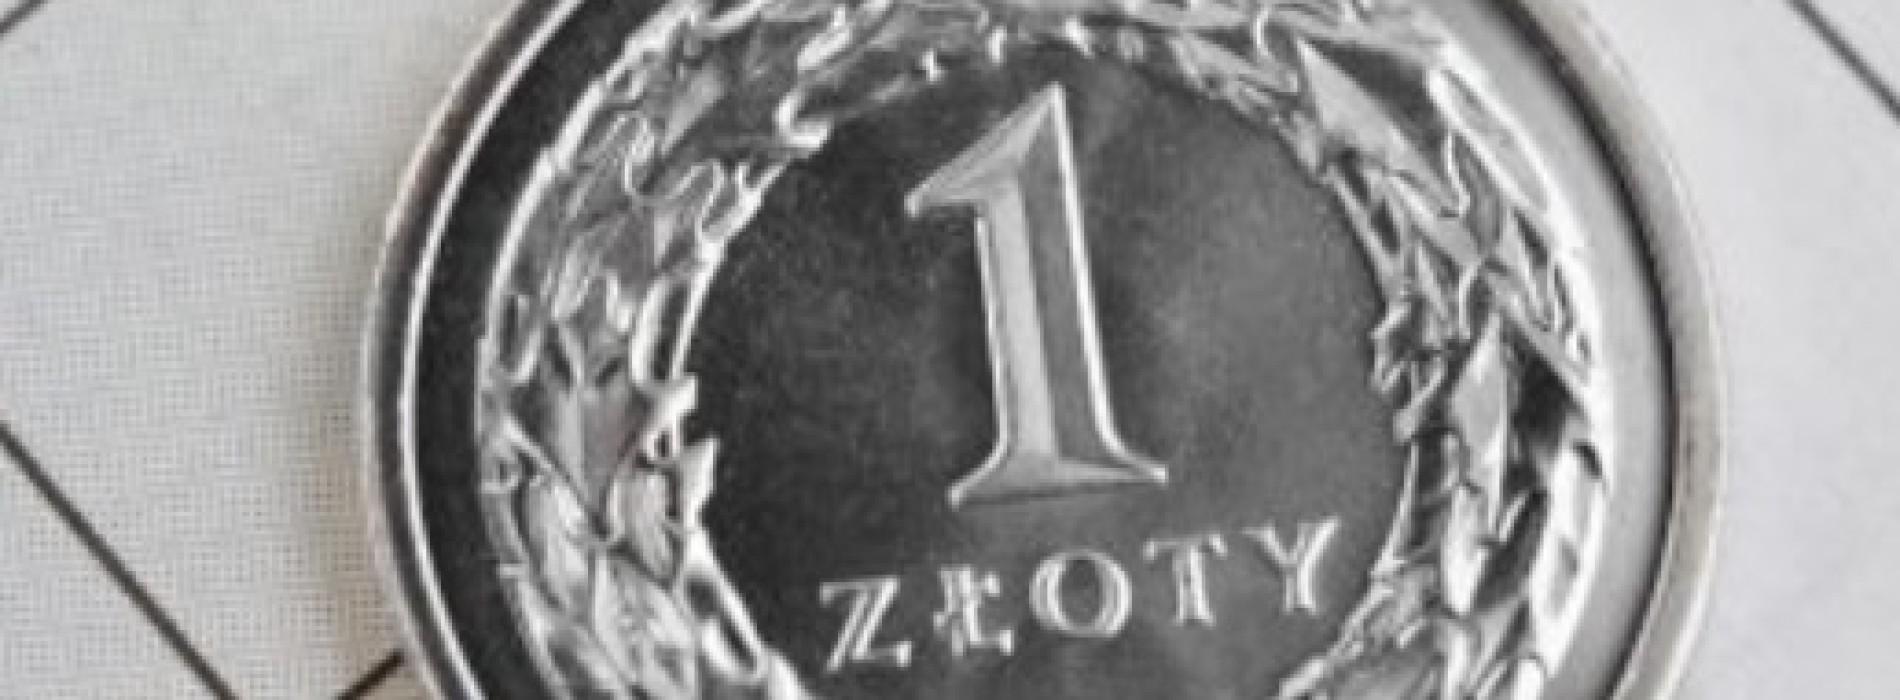 Komentarz PLN: Słaby początek tygodnia na złotym